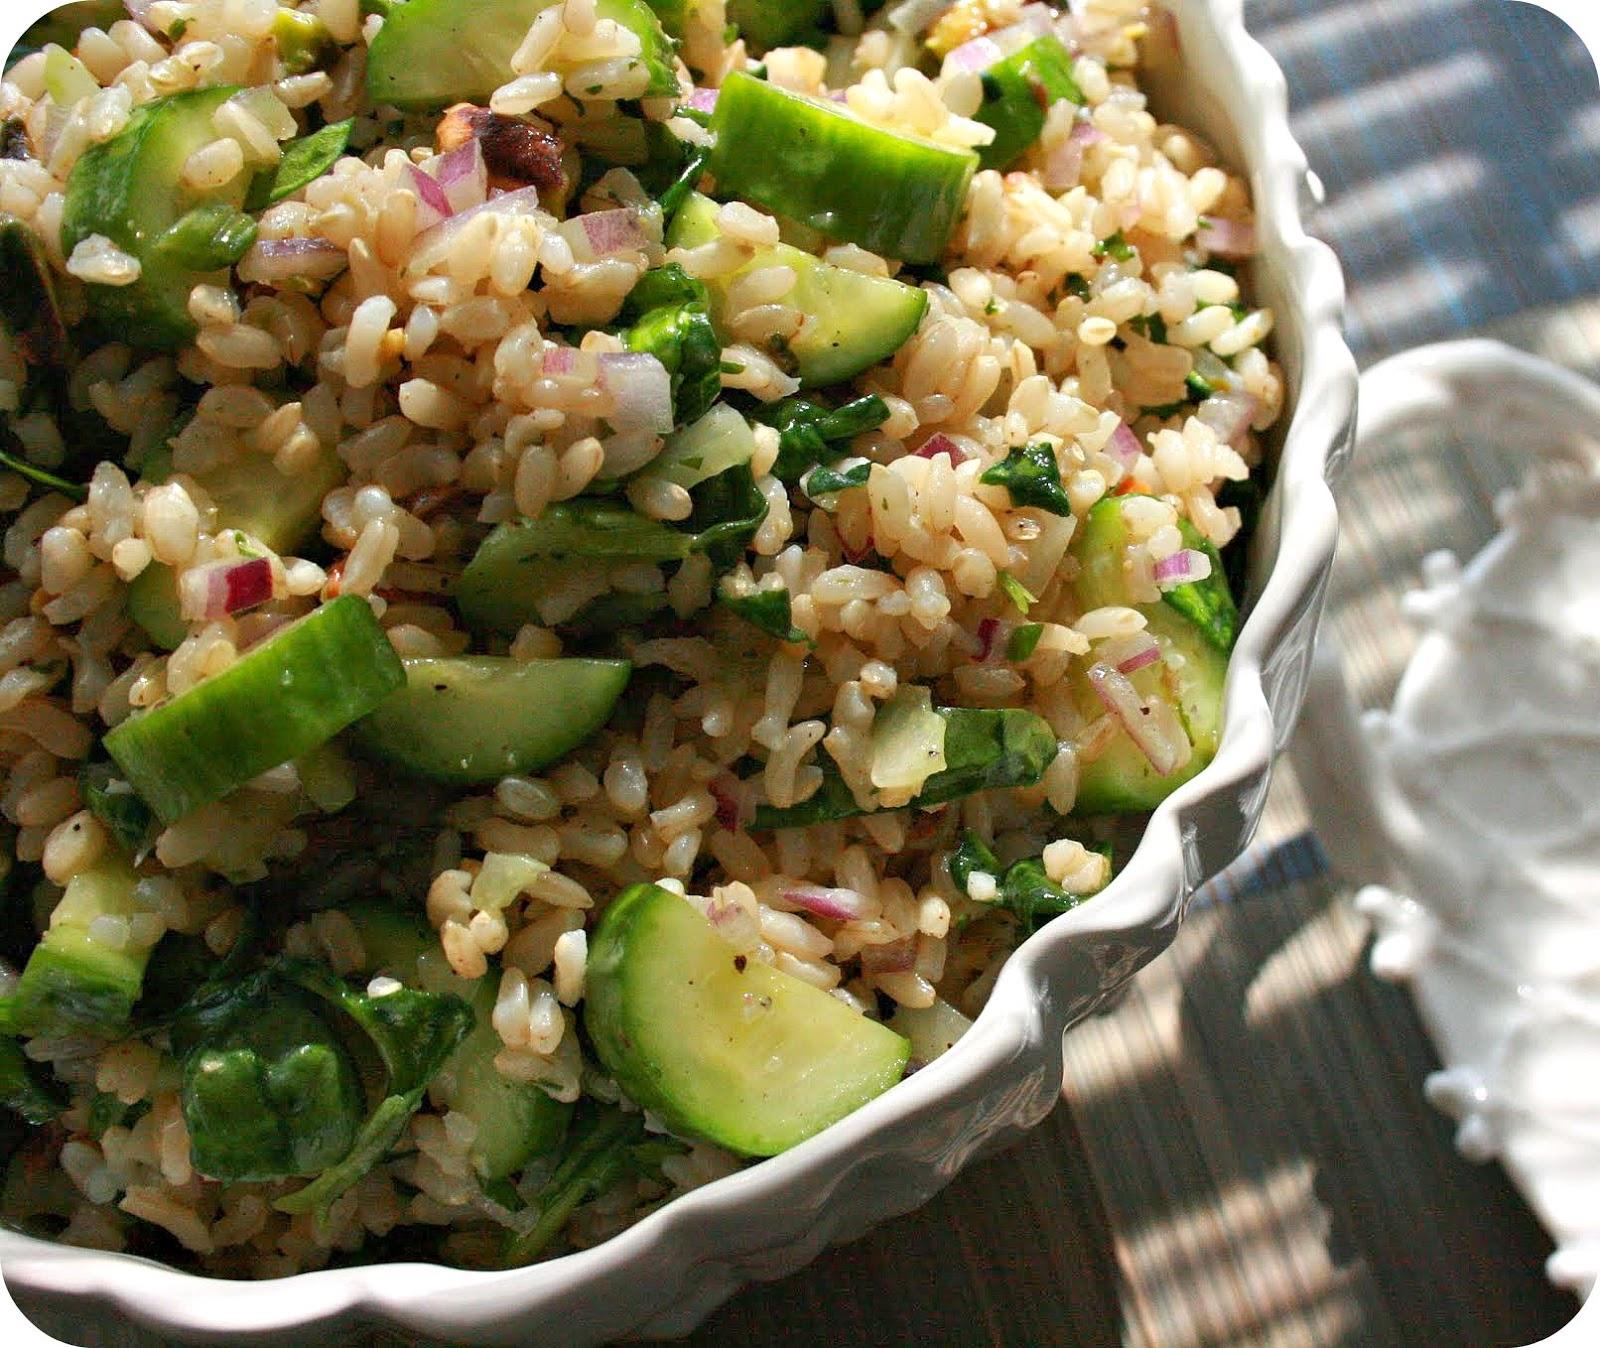 20 лучших здоровых рецептов коричневого риса, чтобы наслаждаться.